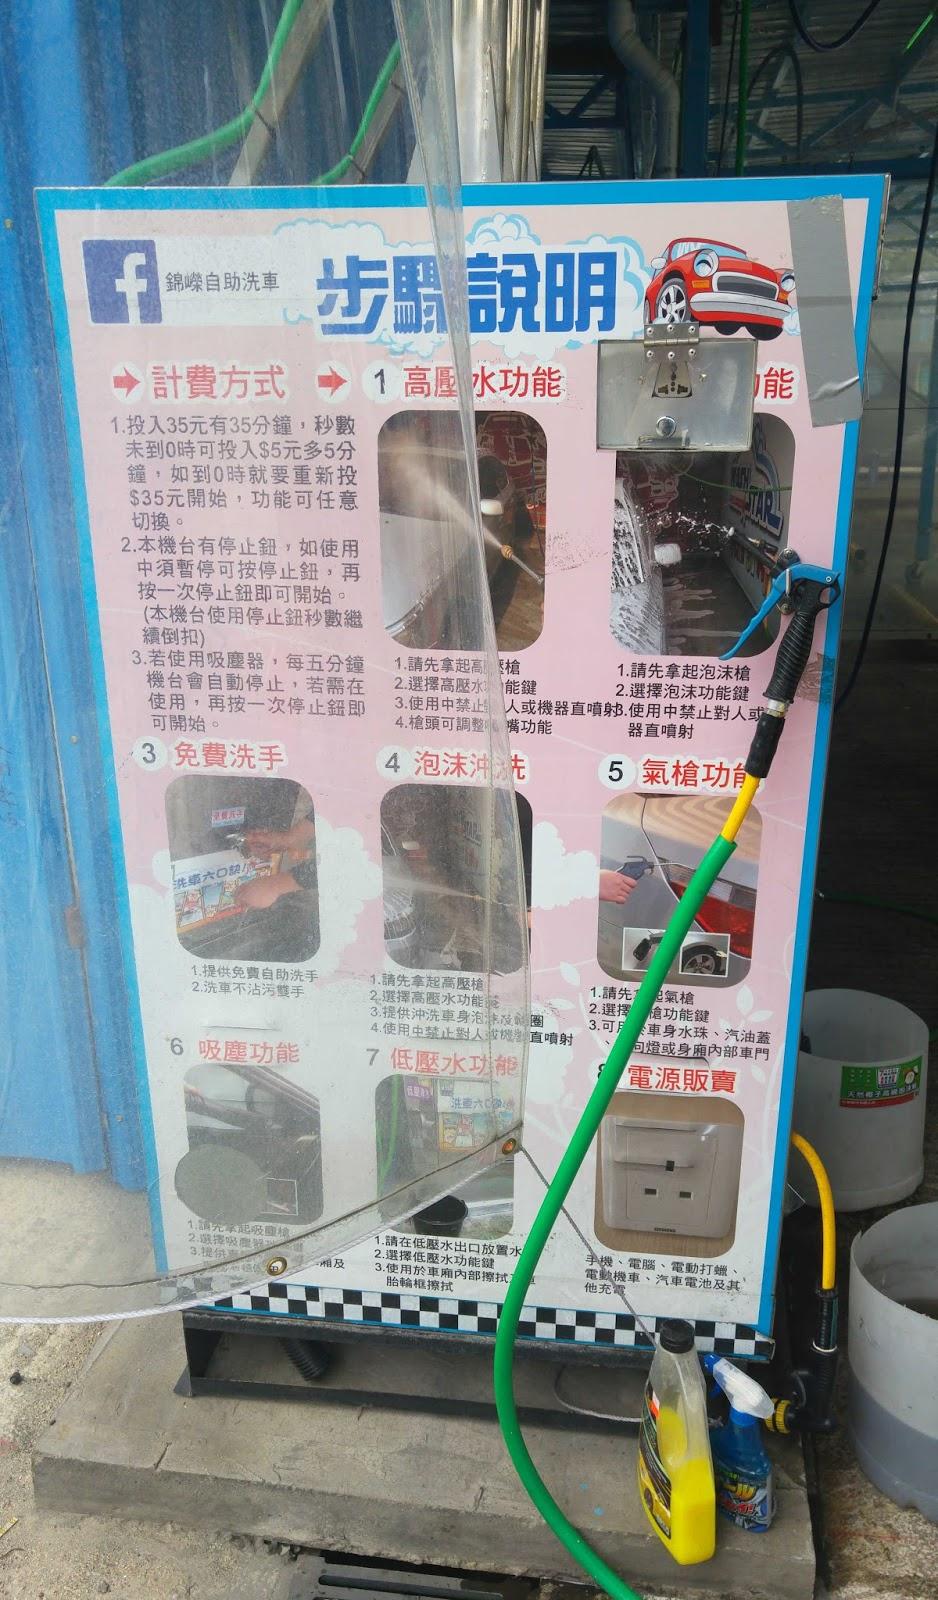 洗車其實可以好好玩 - 自助洗車場 | MoJil的敗家生活 – U Blog 博客